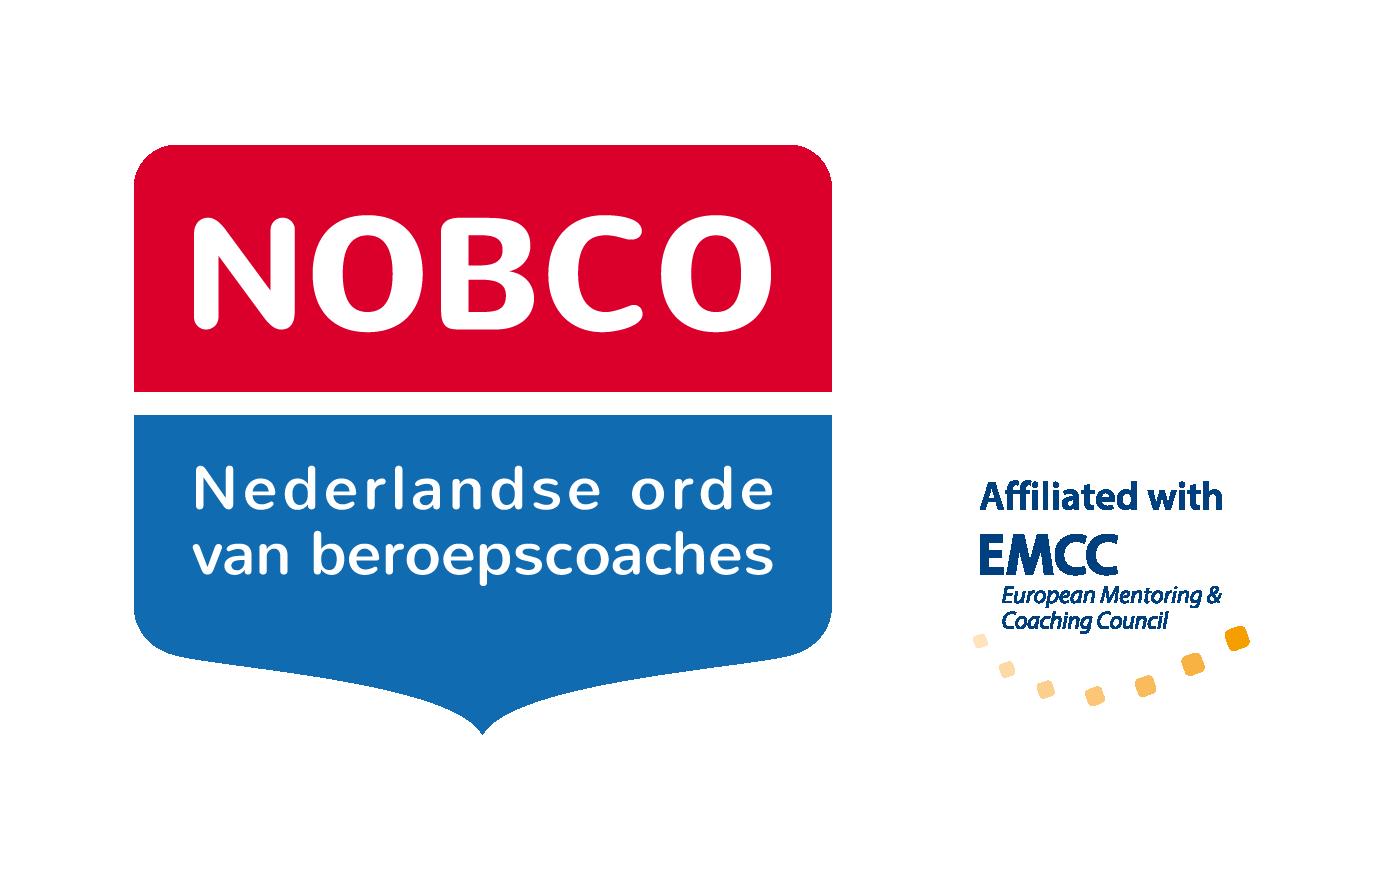 NOBCO_nederlandse orde voor beroepscoaches